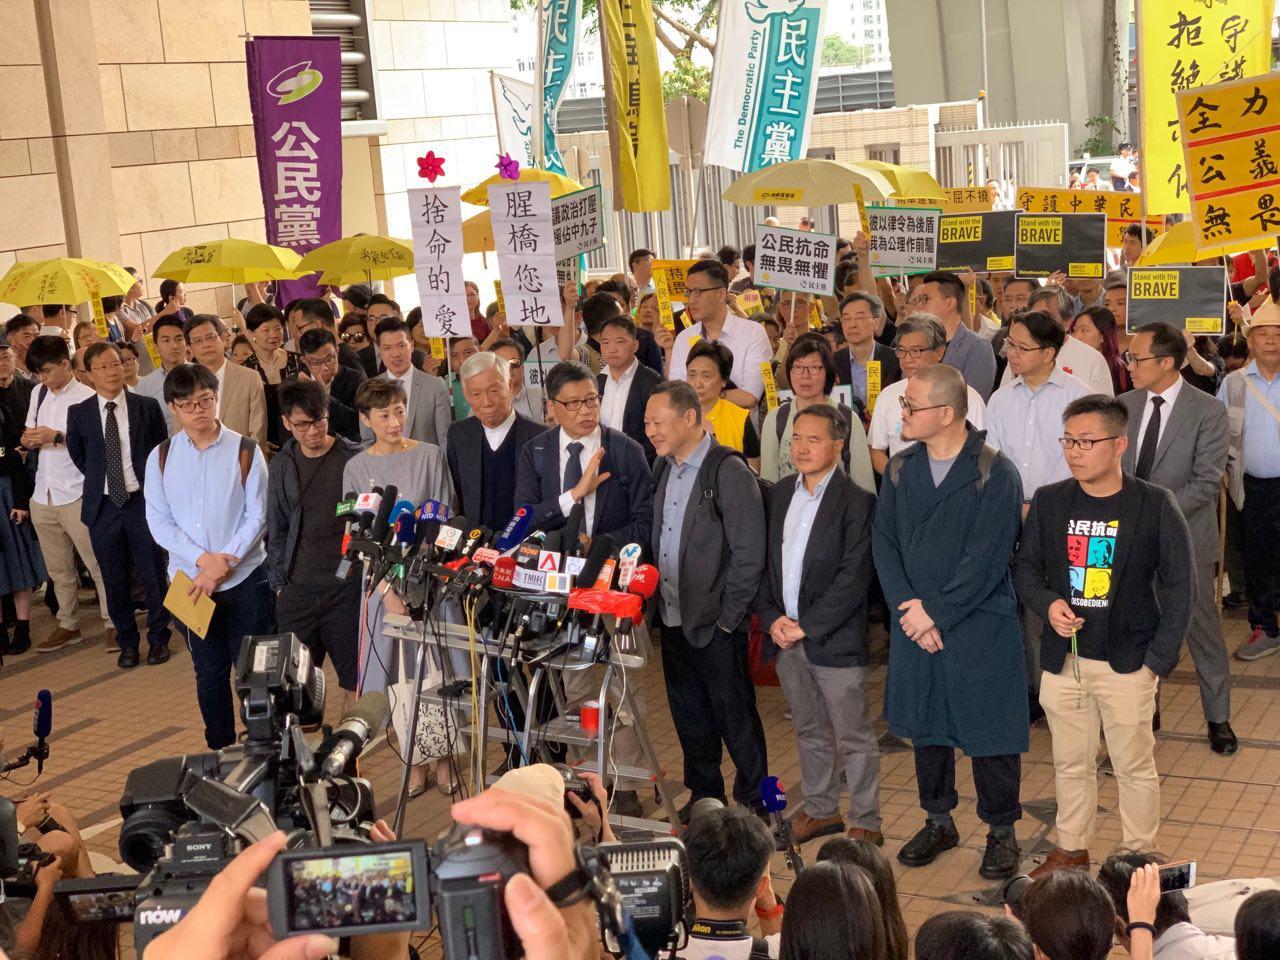 2014年支持民主的雨傘運動9名領袖被裁定「公眾妨擾」罪名成立。(李逸/大紀元)